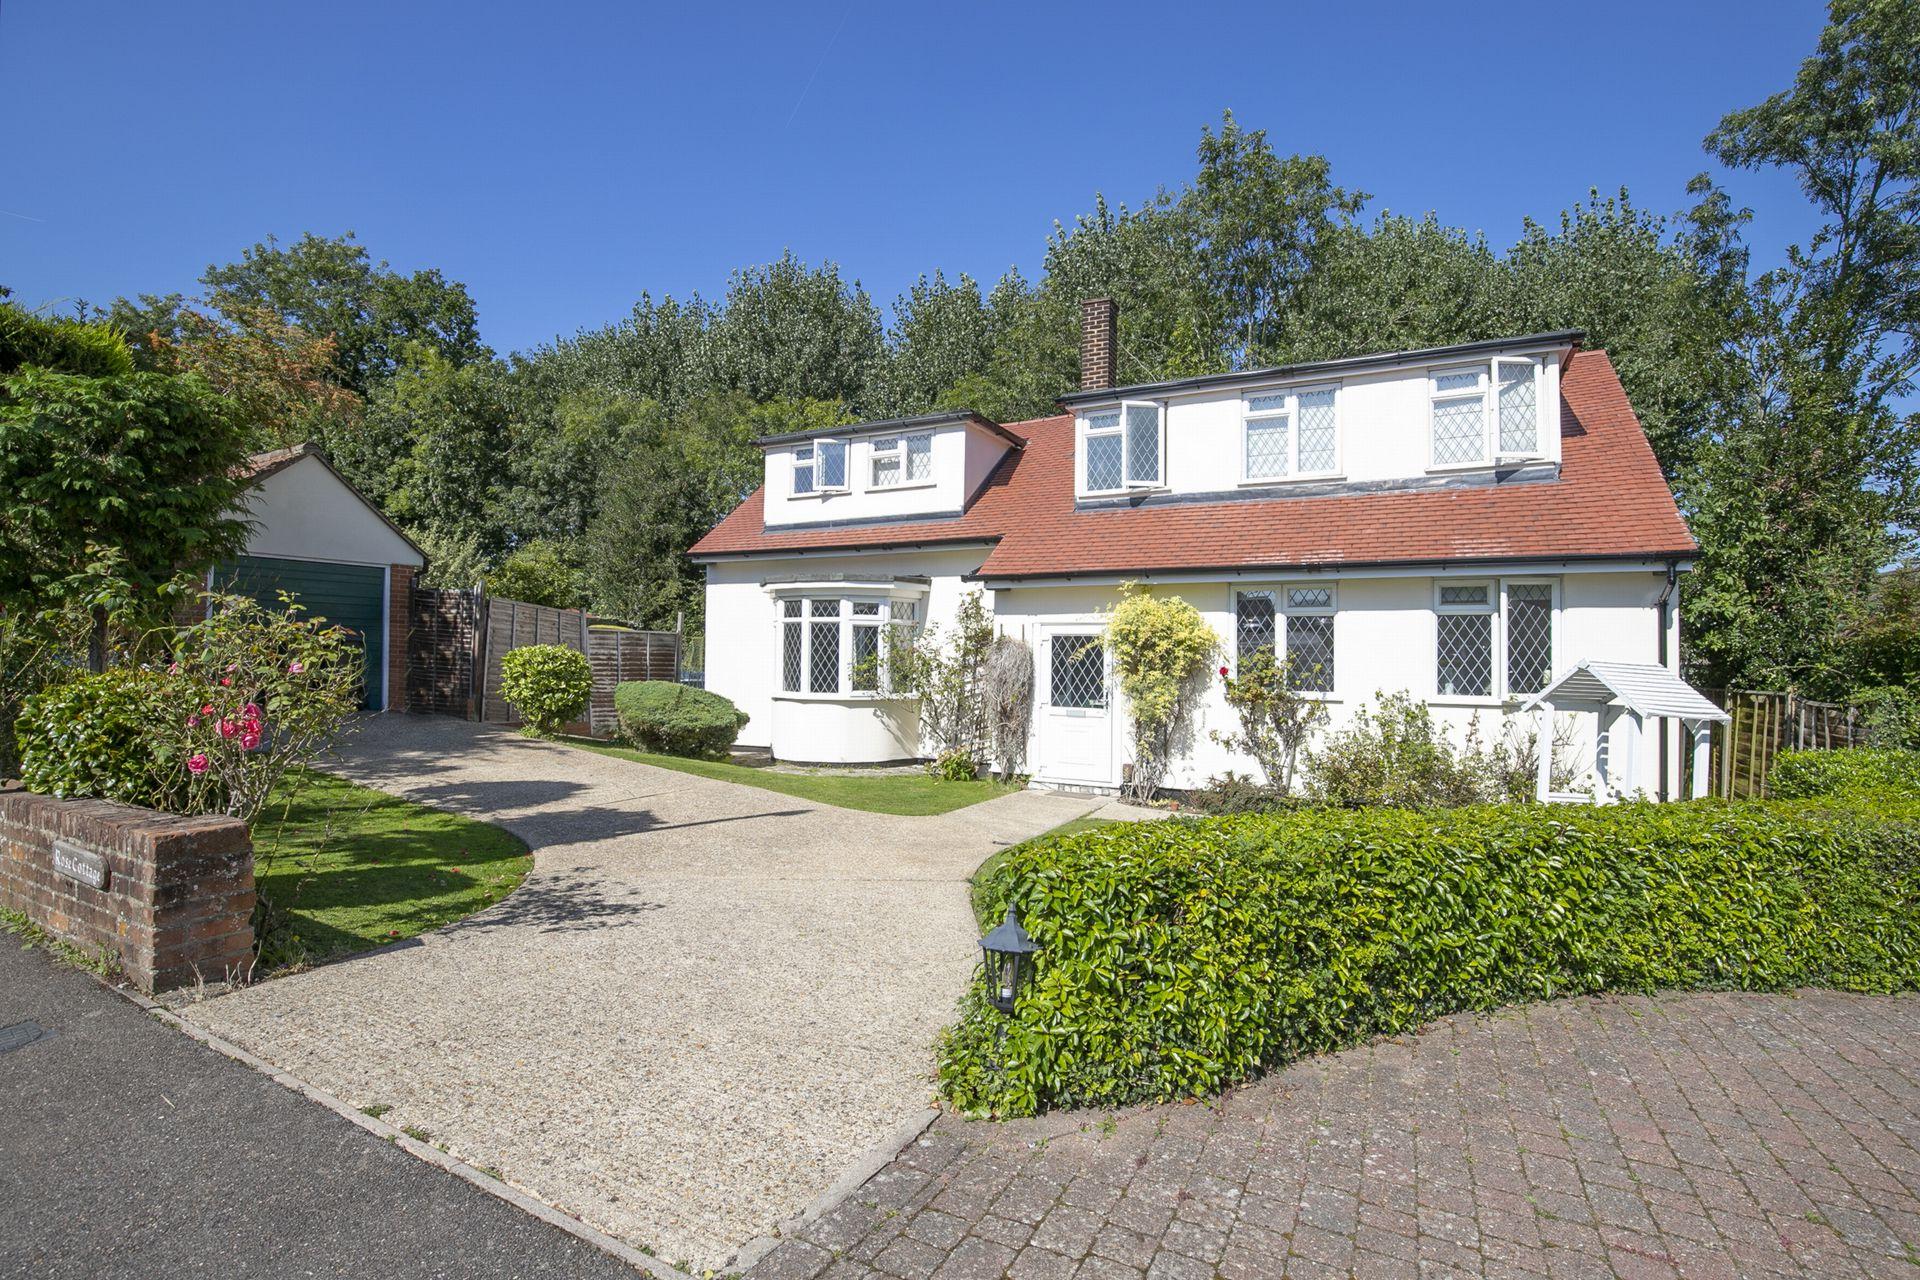 Powell Road  Buckhurst Hill  IG9